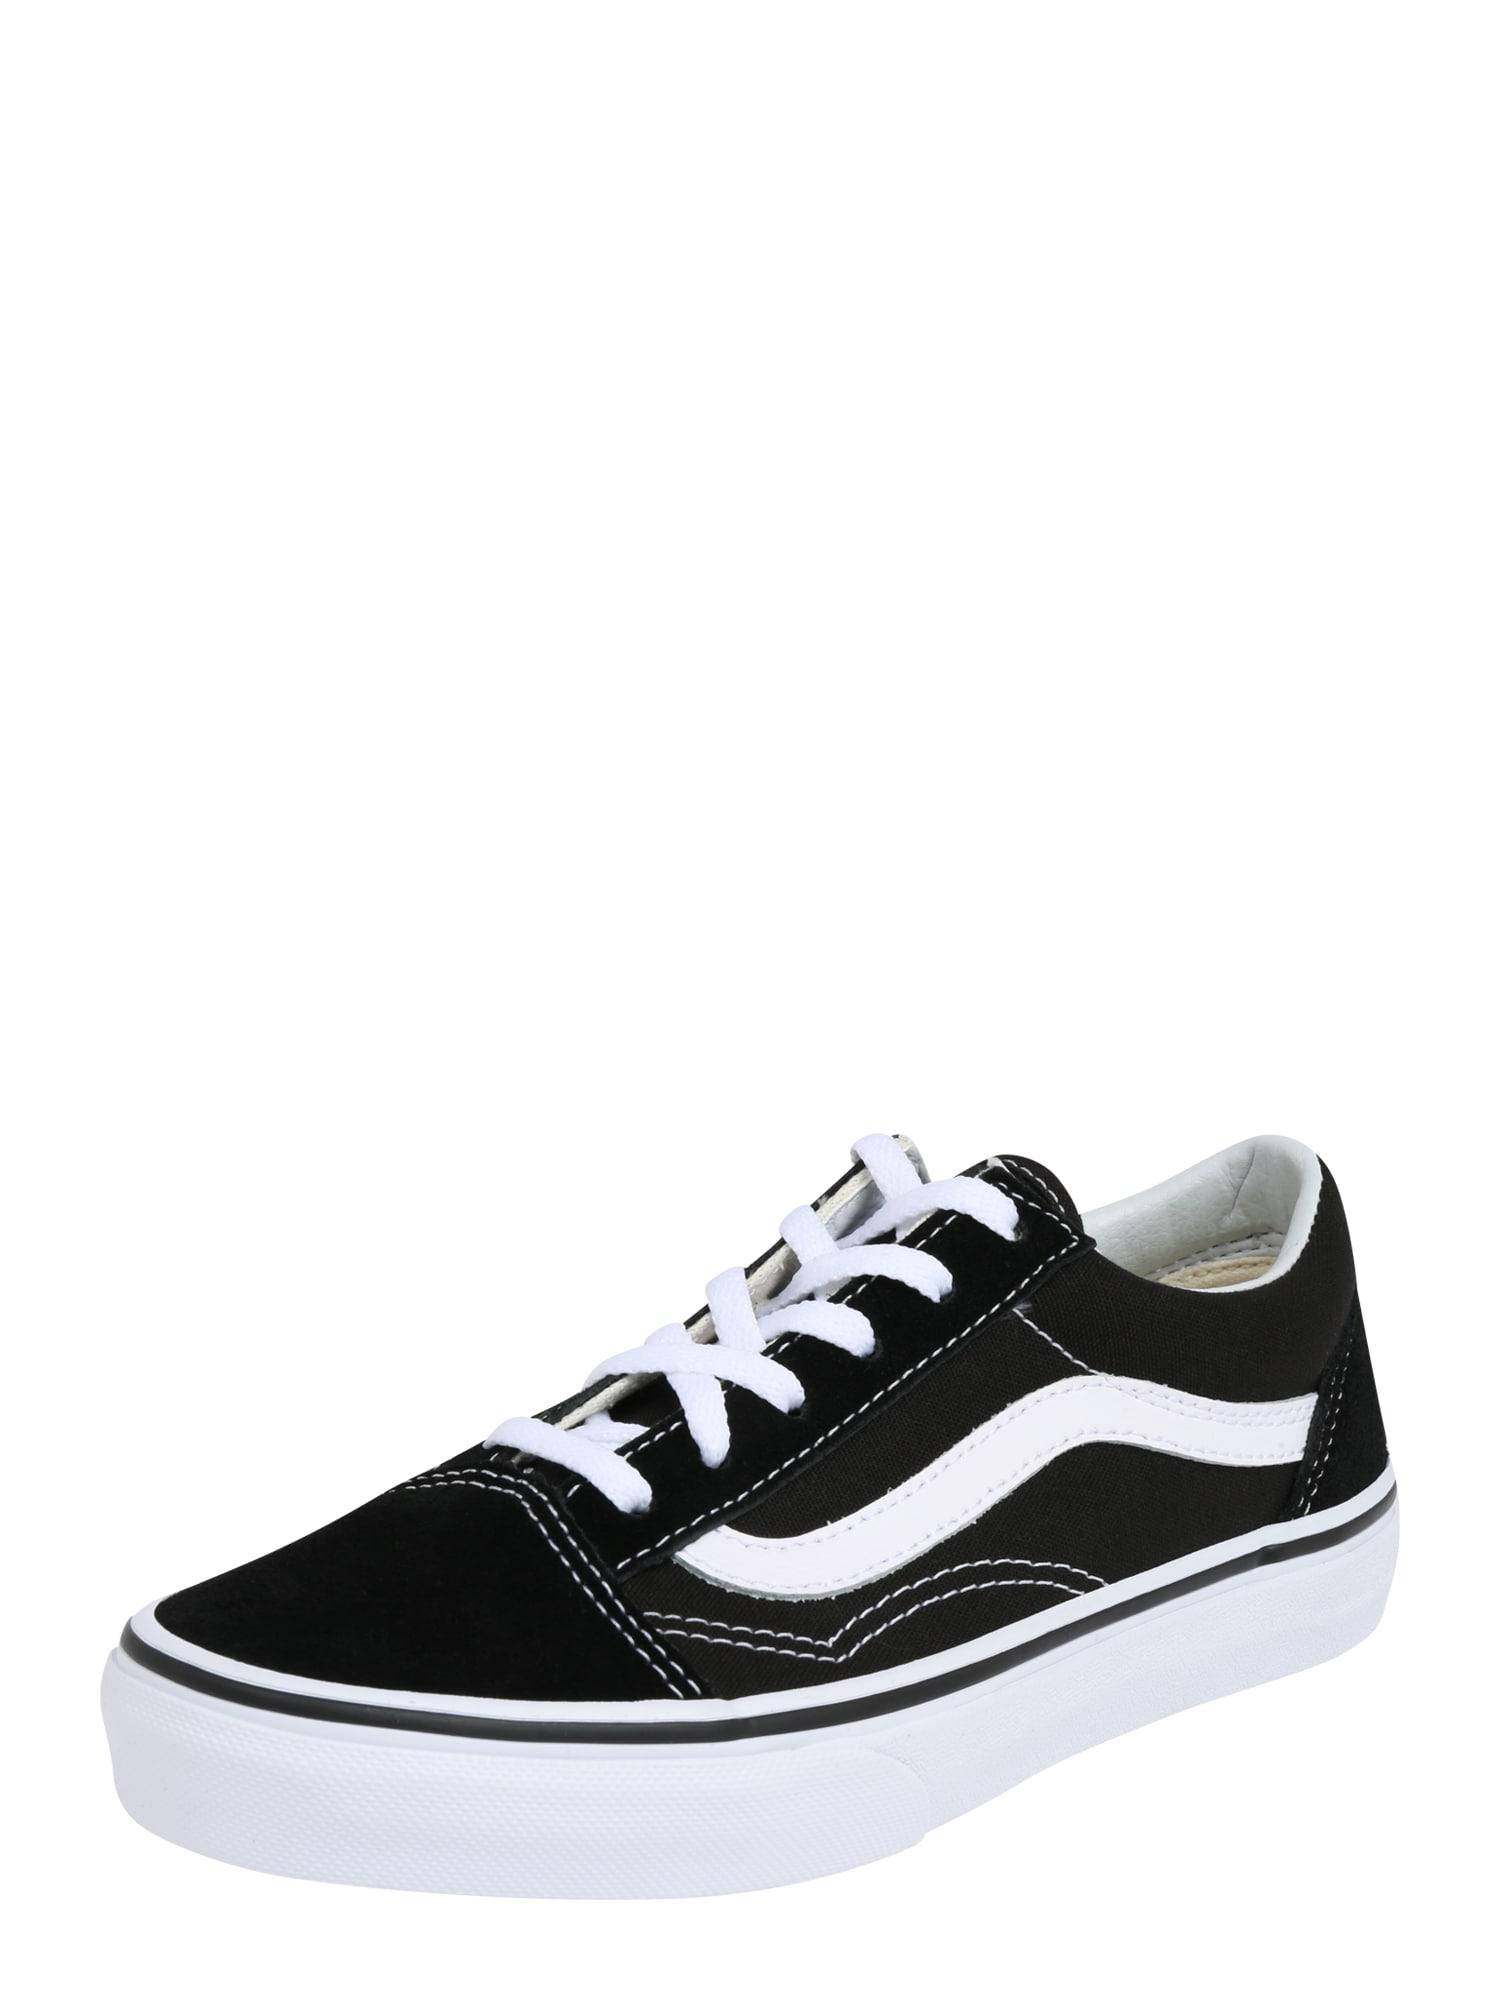 VANS, Jongens Sneakers 'Old Skool', zwart / wit